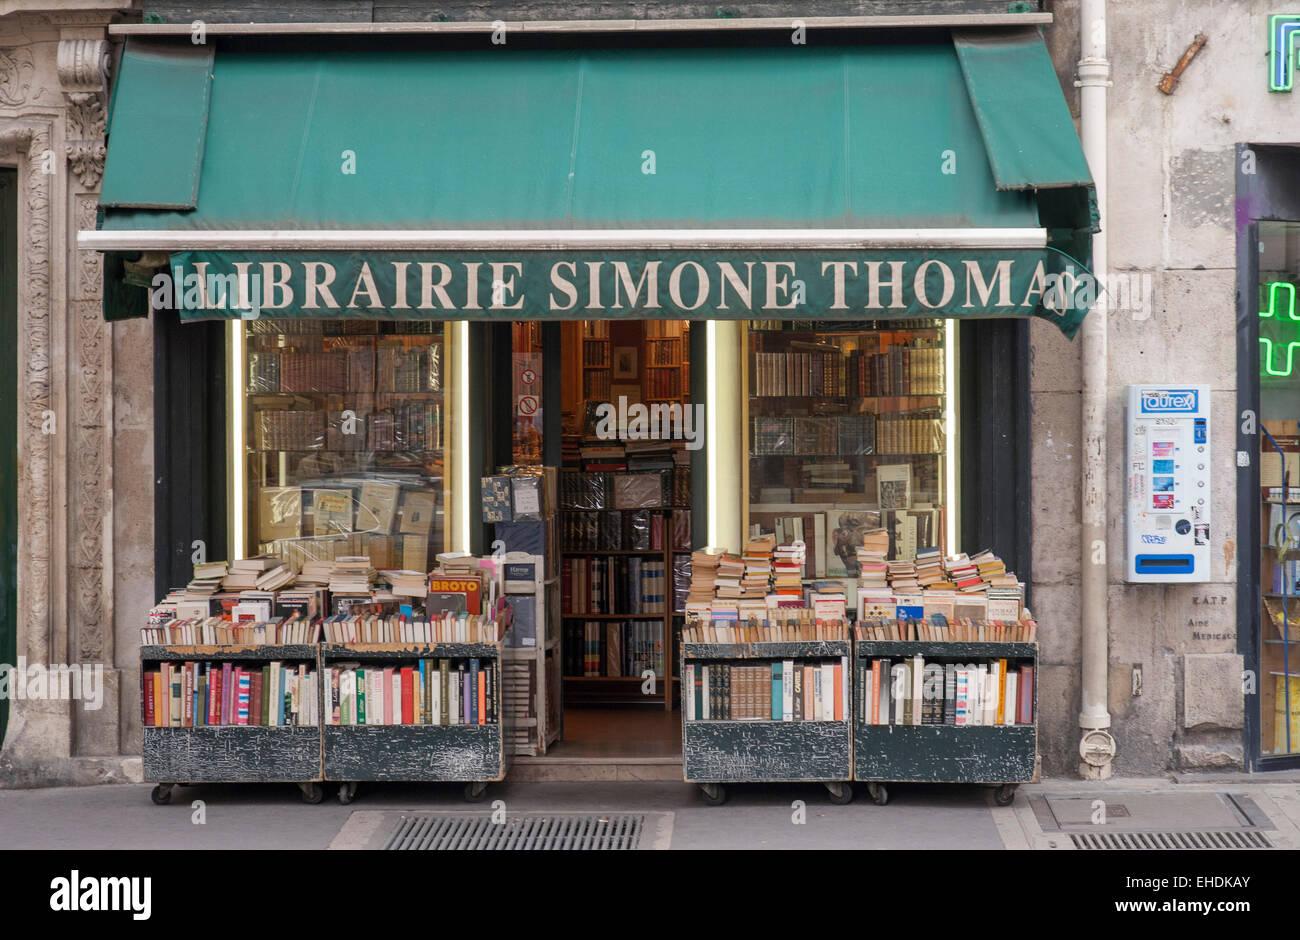 Librairie Simone Thomas Stock Photo